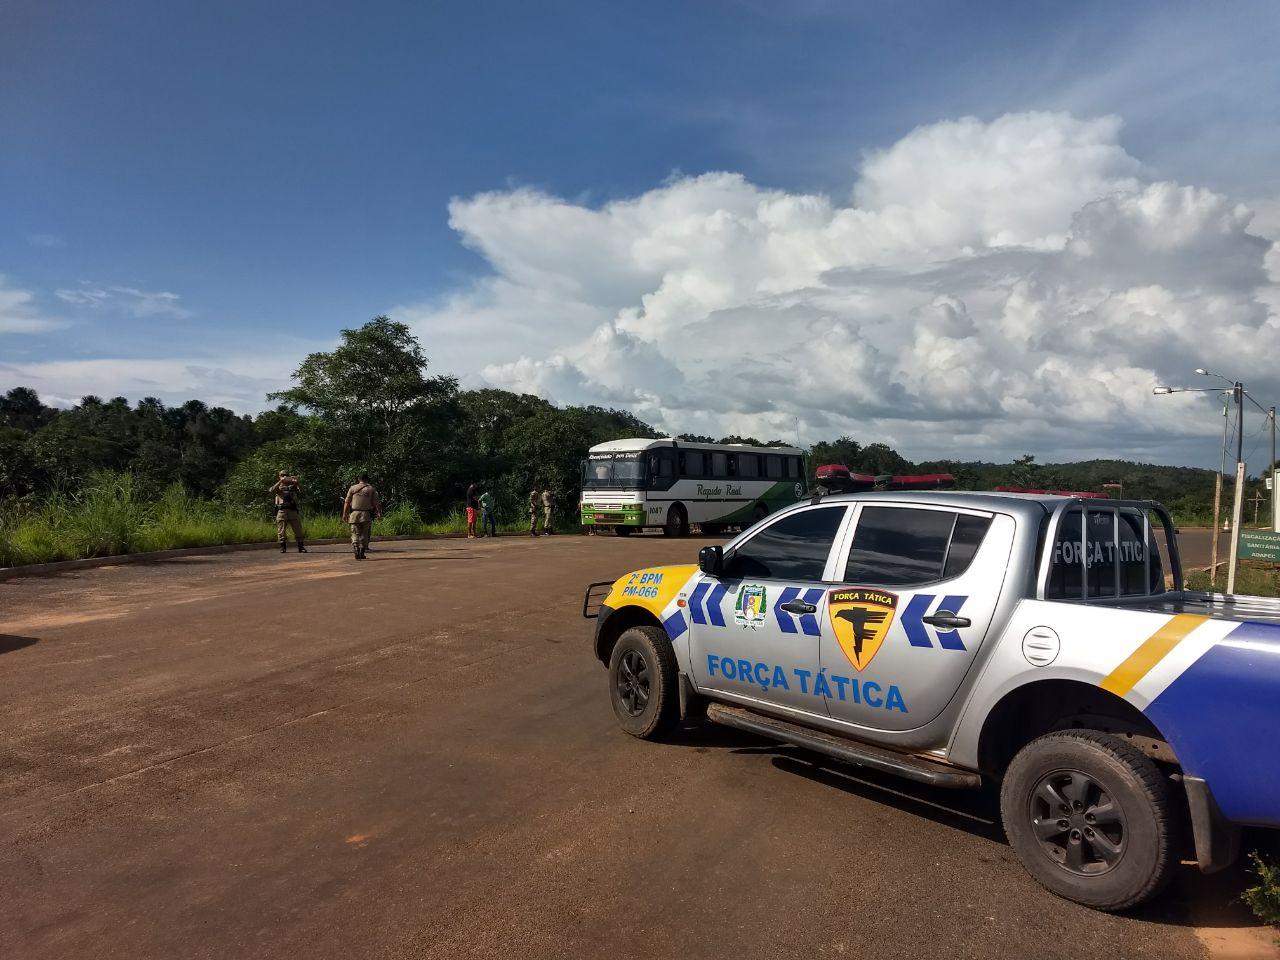 Polícia Militar realiza reforço no policiamento de Campos Lindos e realiza palestras nas escolas